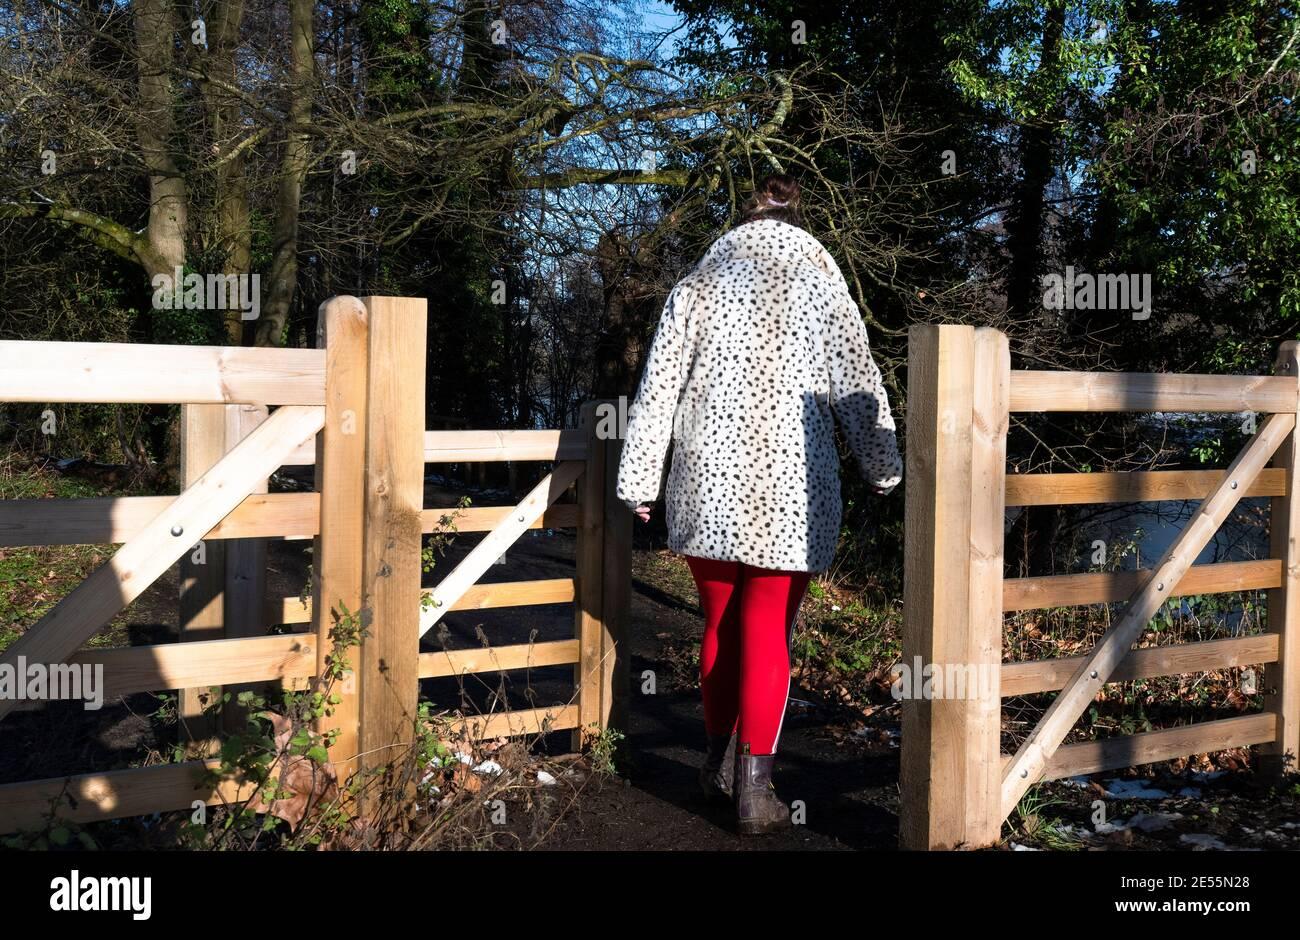 Donna nel parco di campagna su una passeggiata durante il blocco nel gennaio 2021 - Reading, Berkshire, Inghilterra, Regno Unito Foto Stock